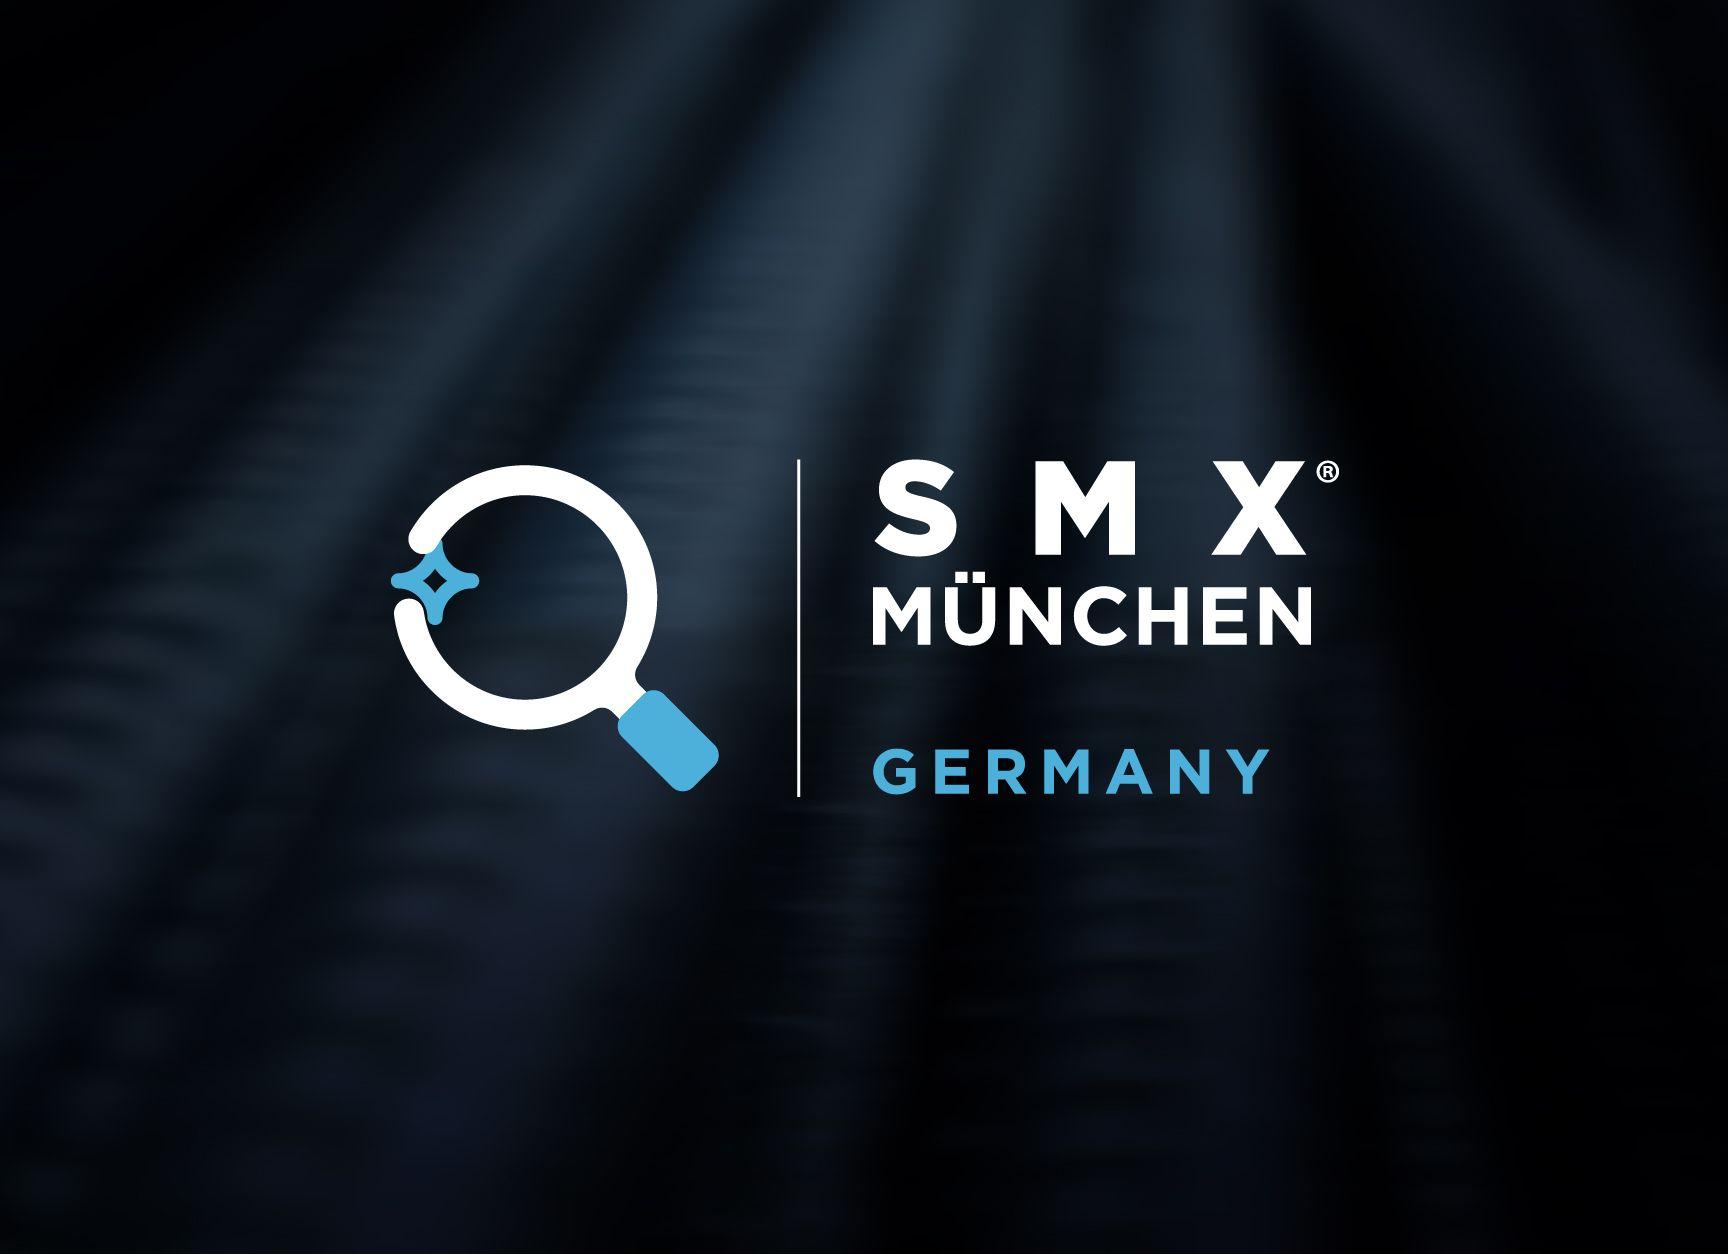 SMX: Die geballte Ladung SEO-Expertise